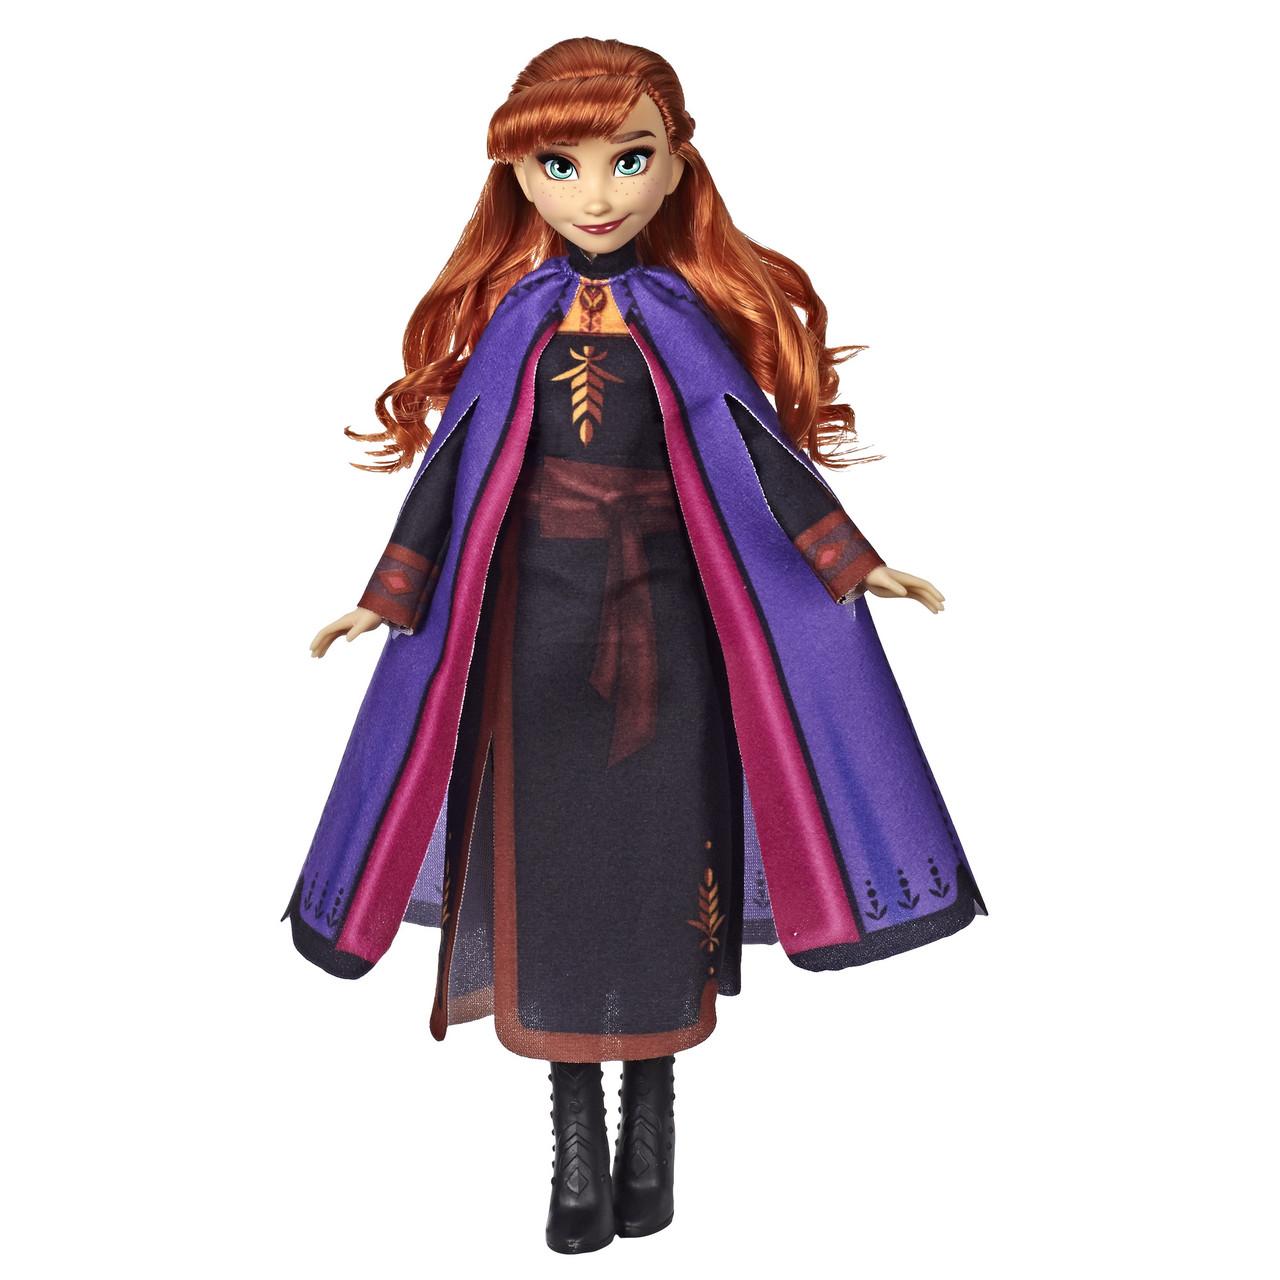 Кукла Анна Холодное сердце 2 с длинными рыжими волосами Disney Frozen 2 Anna Hasbro E6710